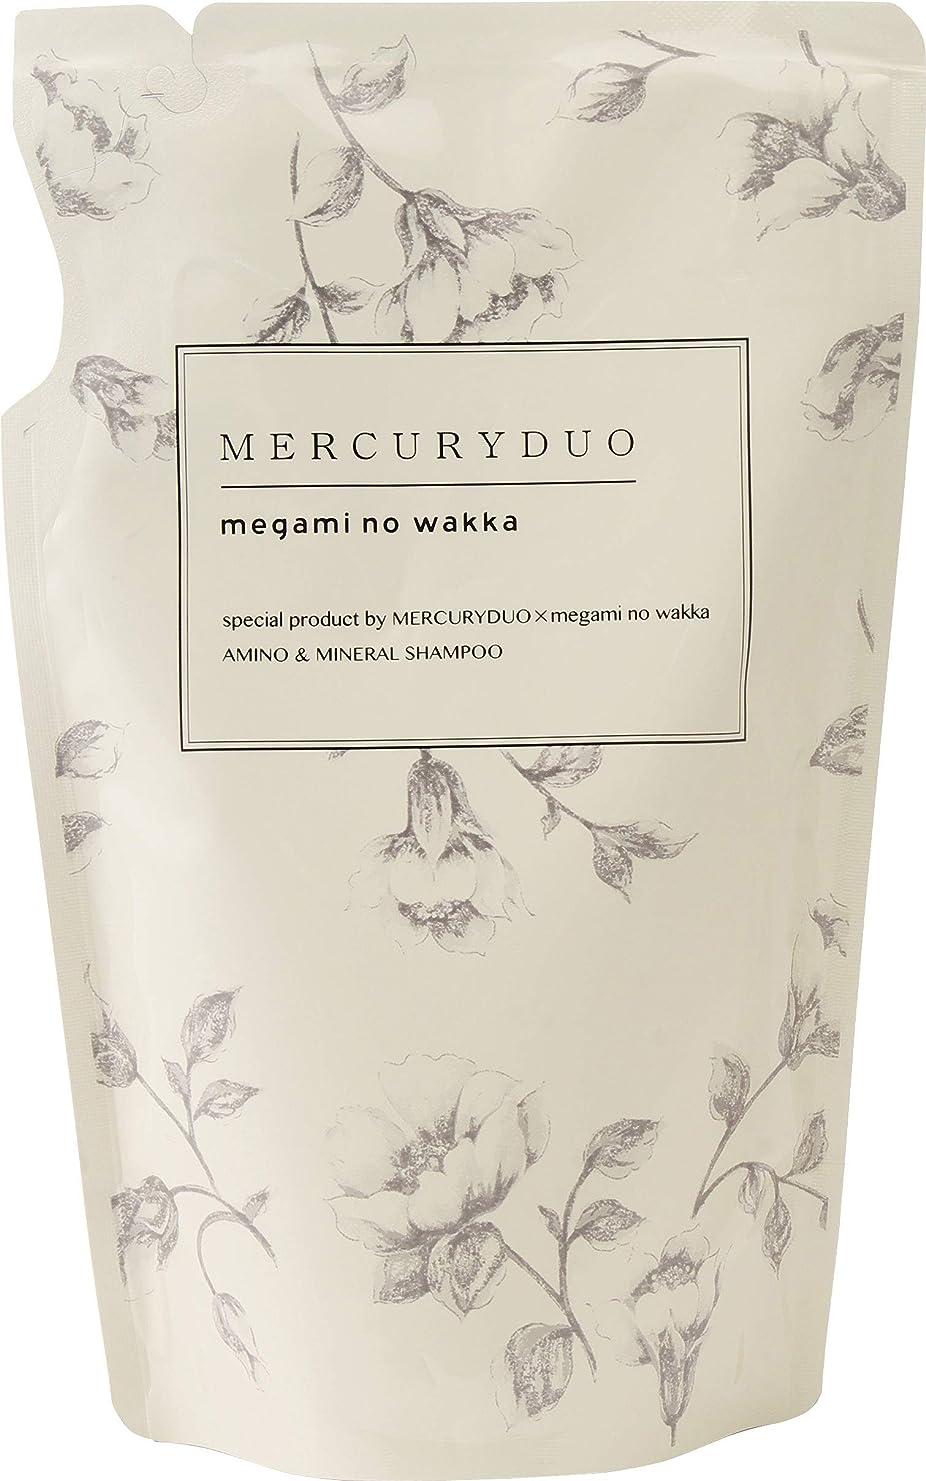 デンプシー適切な自宅でMERCURYDUO マーキュリーデュオ アミノ酸 シャンプー 詰替用420ml by megami no wakka (女神のわっか) ボタニカル フレグランスシャンプー